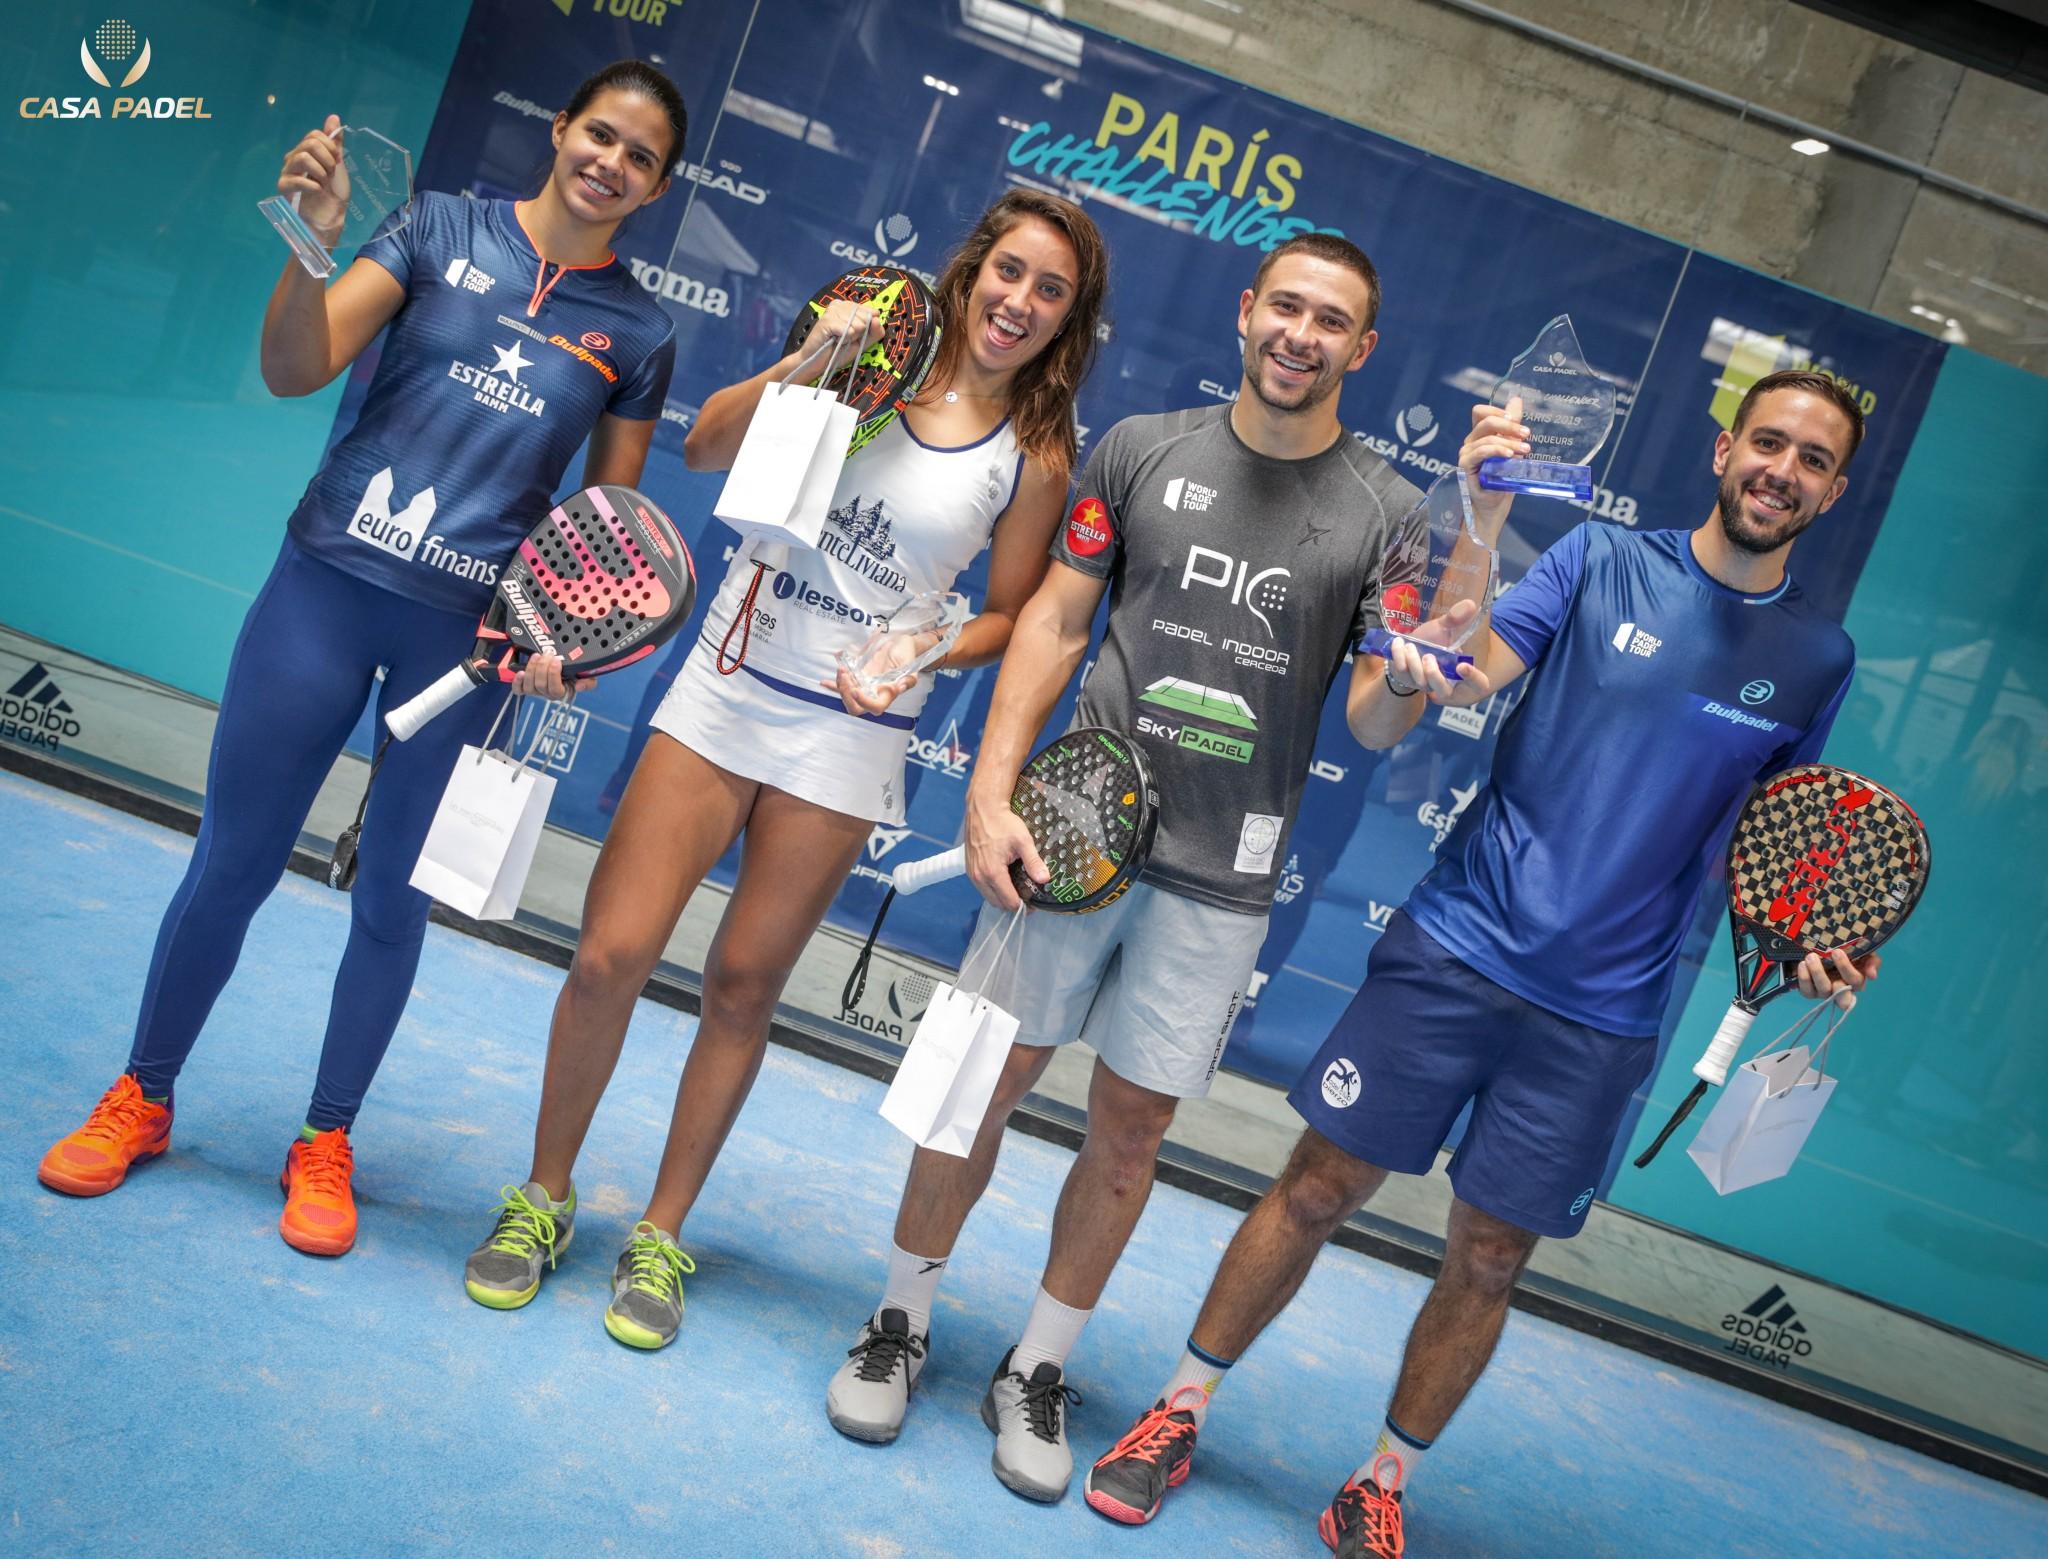 Vainqueurs du WPT PARIS CHALLENGER 2019 : Gonzalez / Brea et Capra / Campagnolo